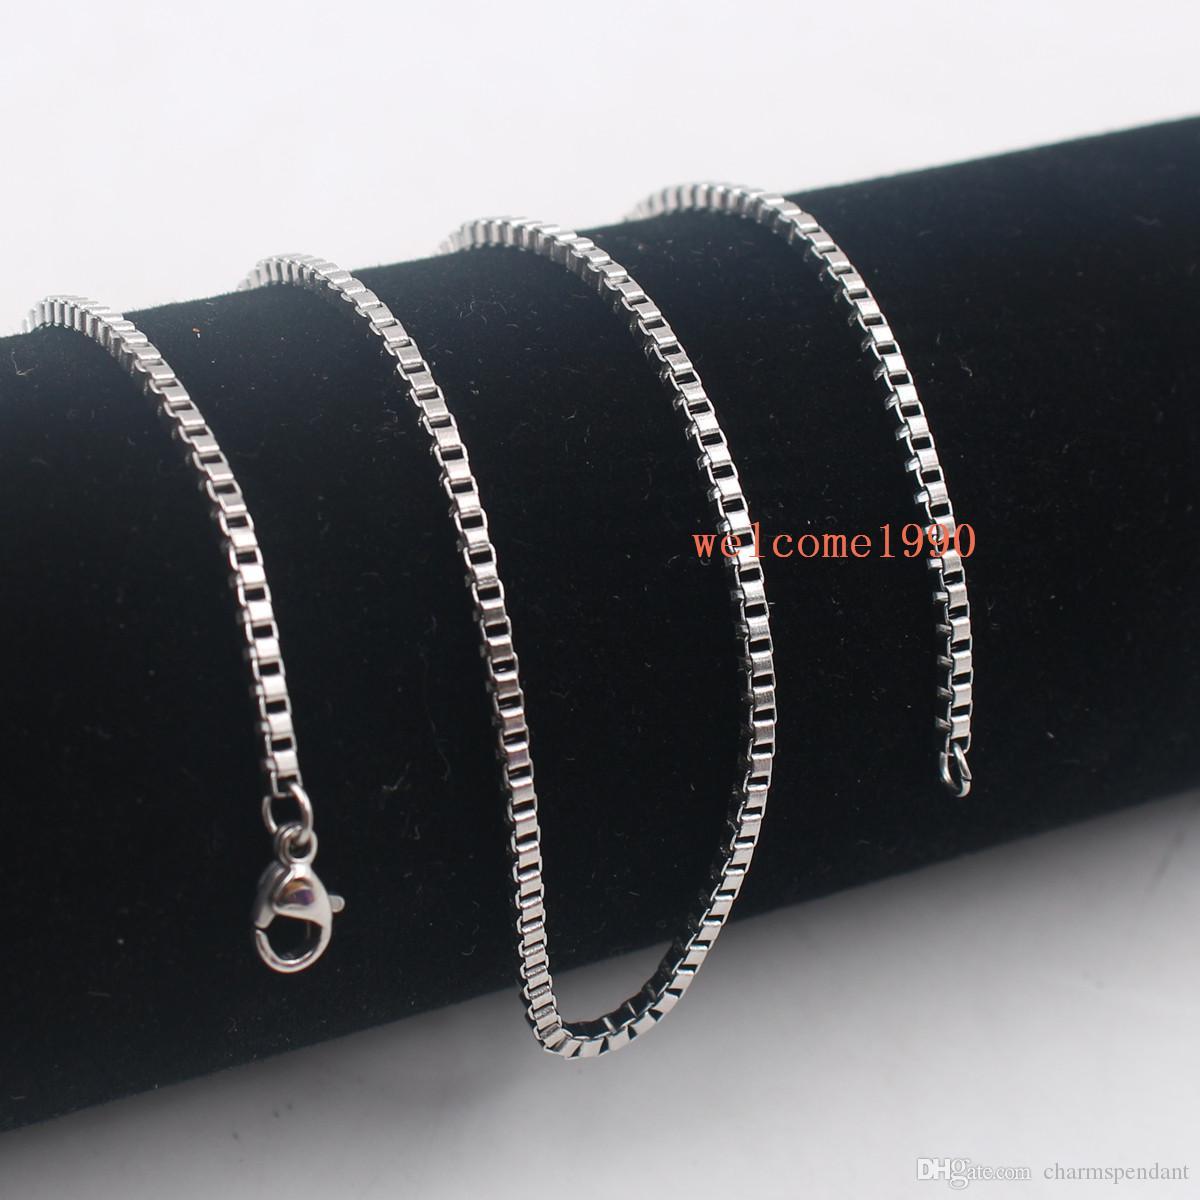 100pcs / Lot Venta caliente de la joyería Venta al por mayor en plata a granel Collar de cadena de caja de moda de acero inoxidable 2 mm / 2.4 mm de ancho